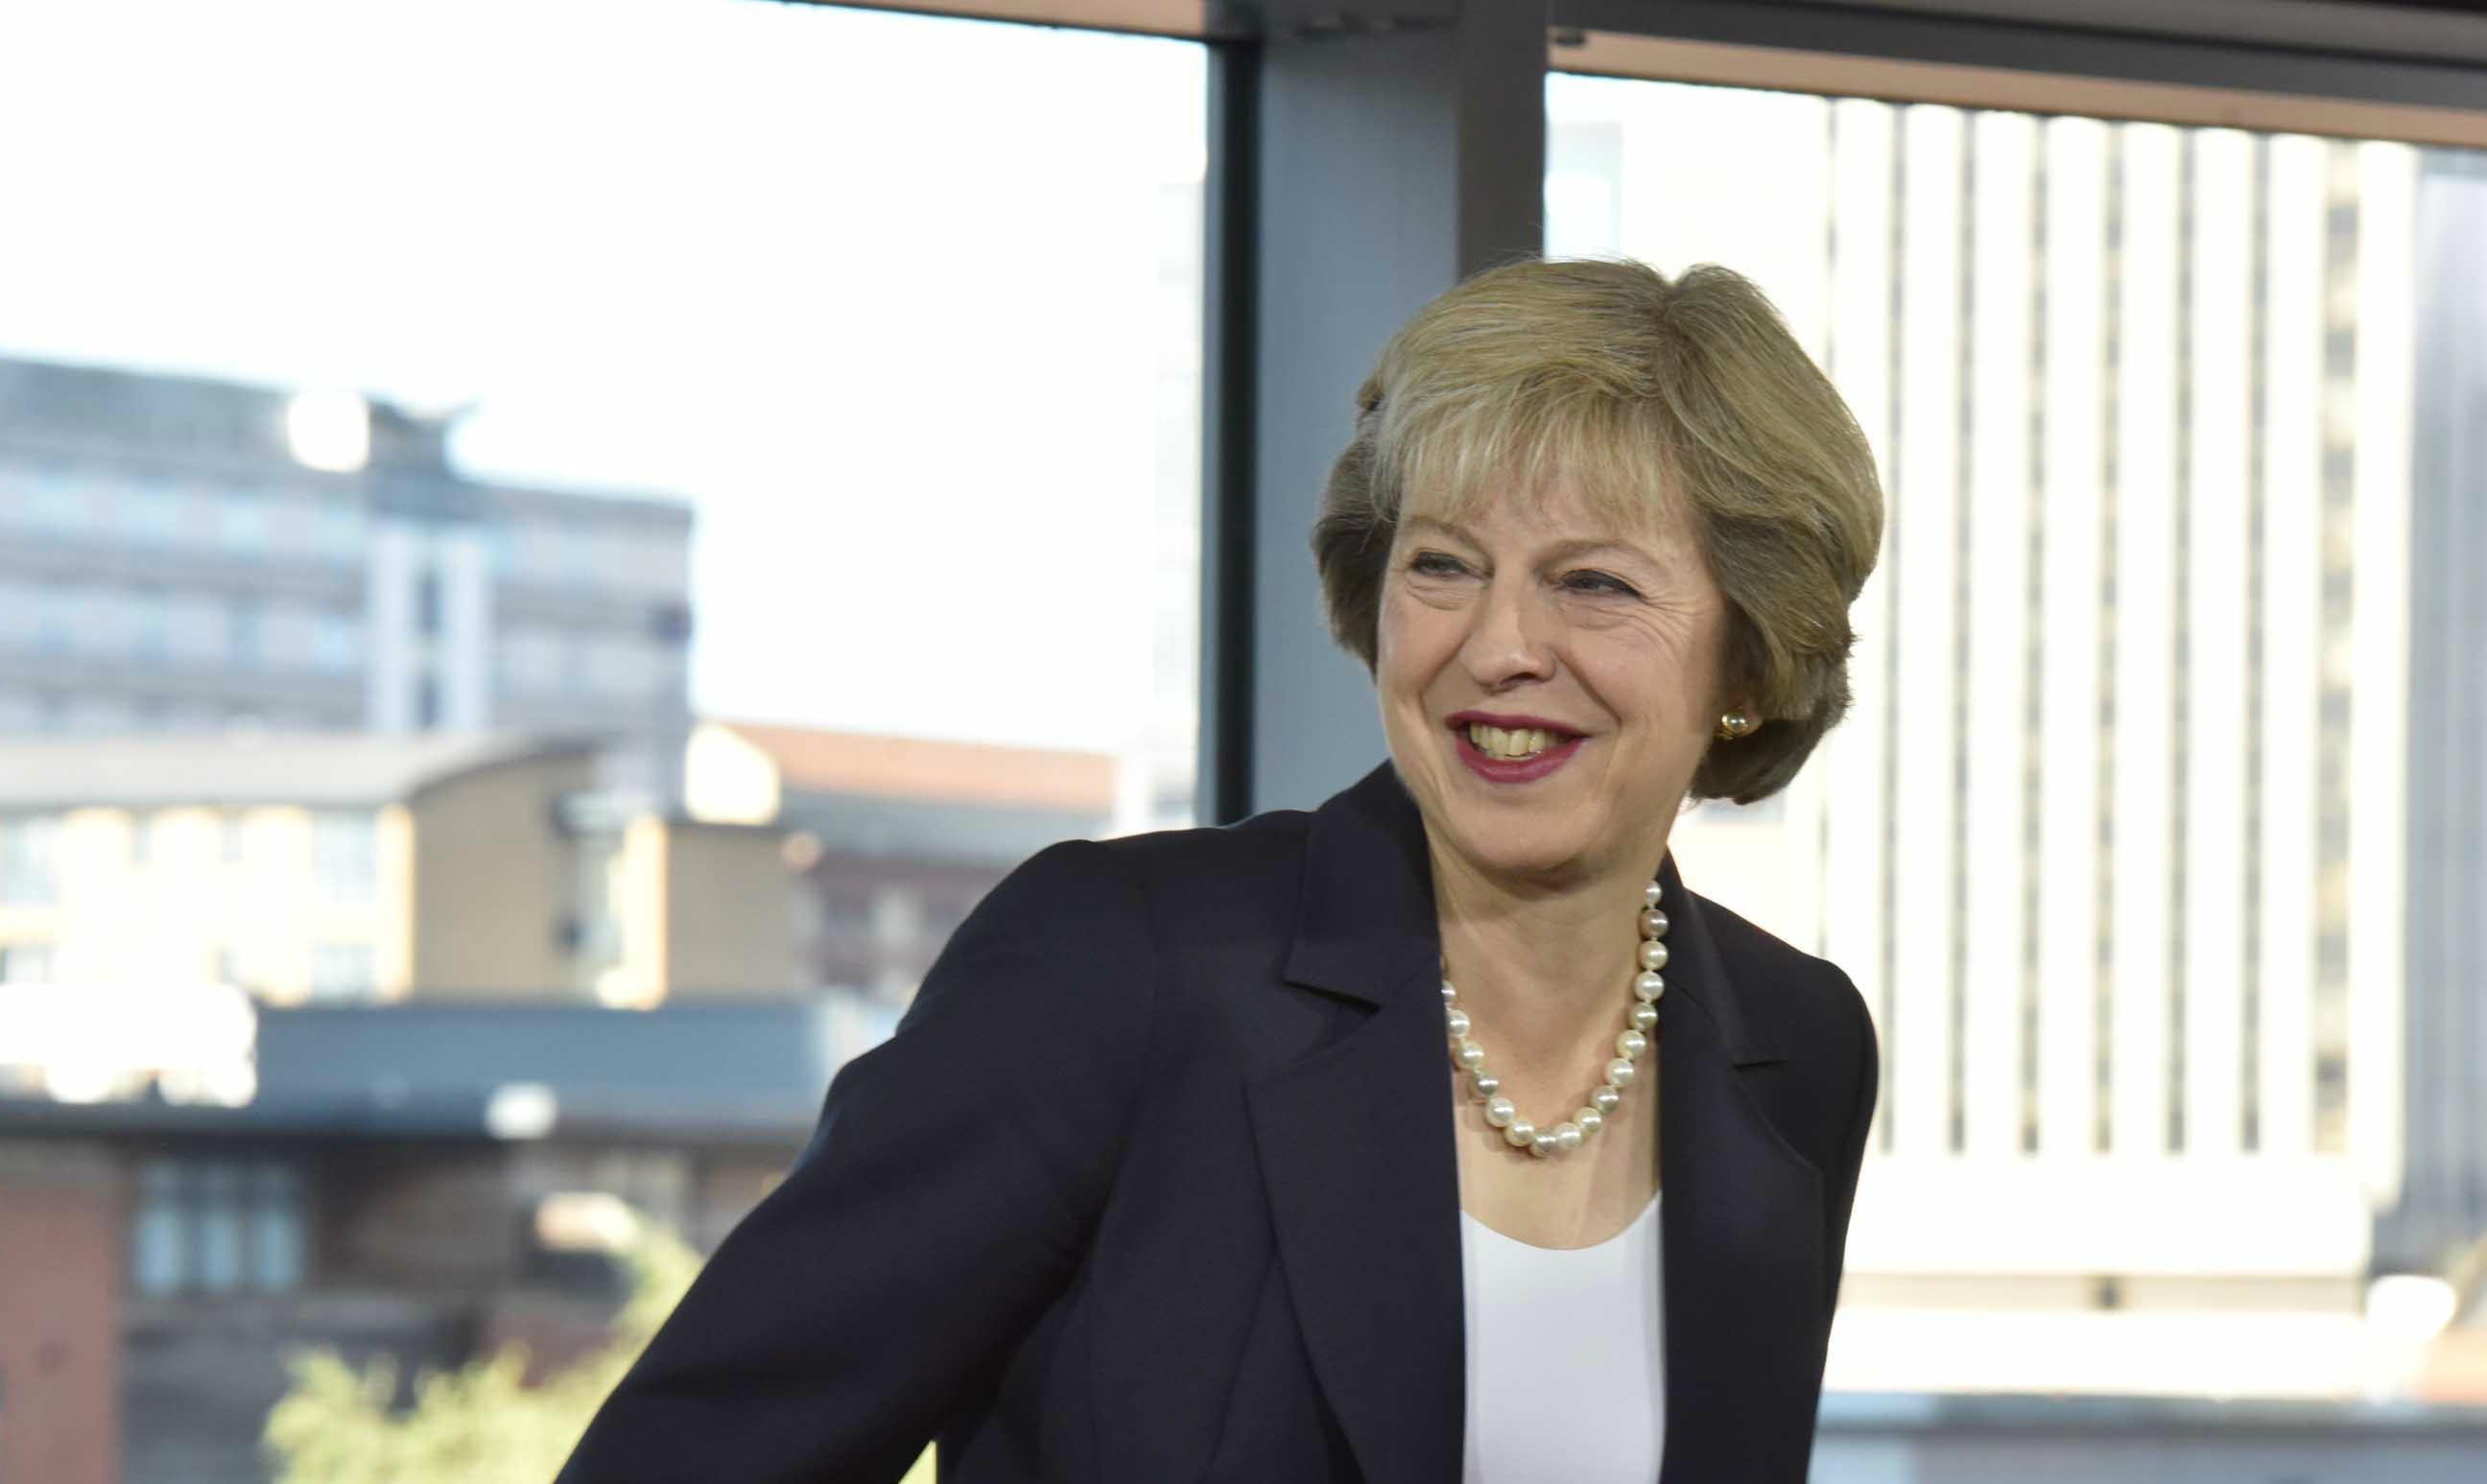 La primera ministra anunció que Gran Ley de Derogación comenzará a finales de marzo del 2017